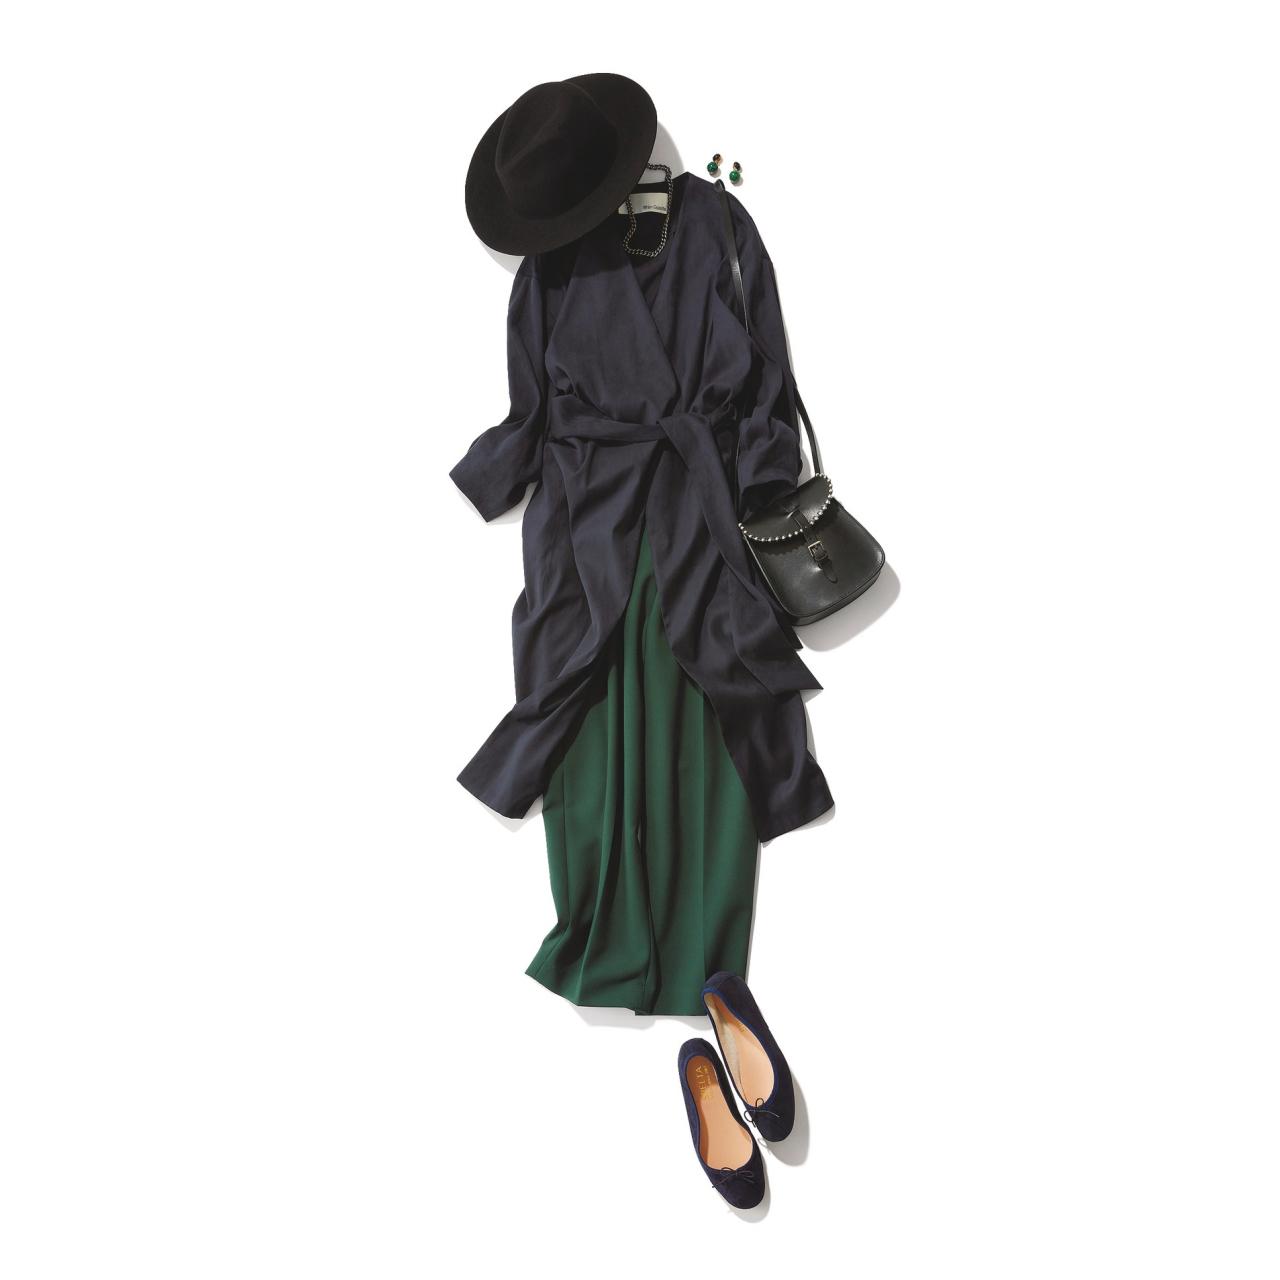 ロングカーディガン×グリーンパンツのファッションコーデ